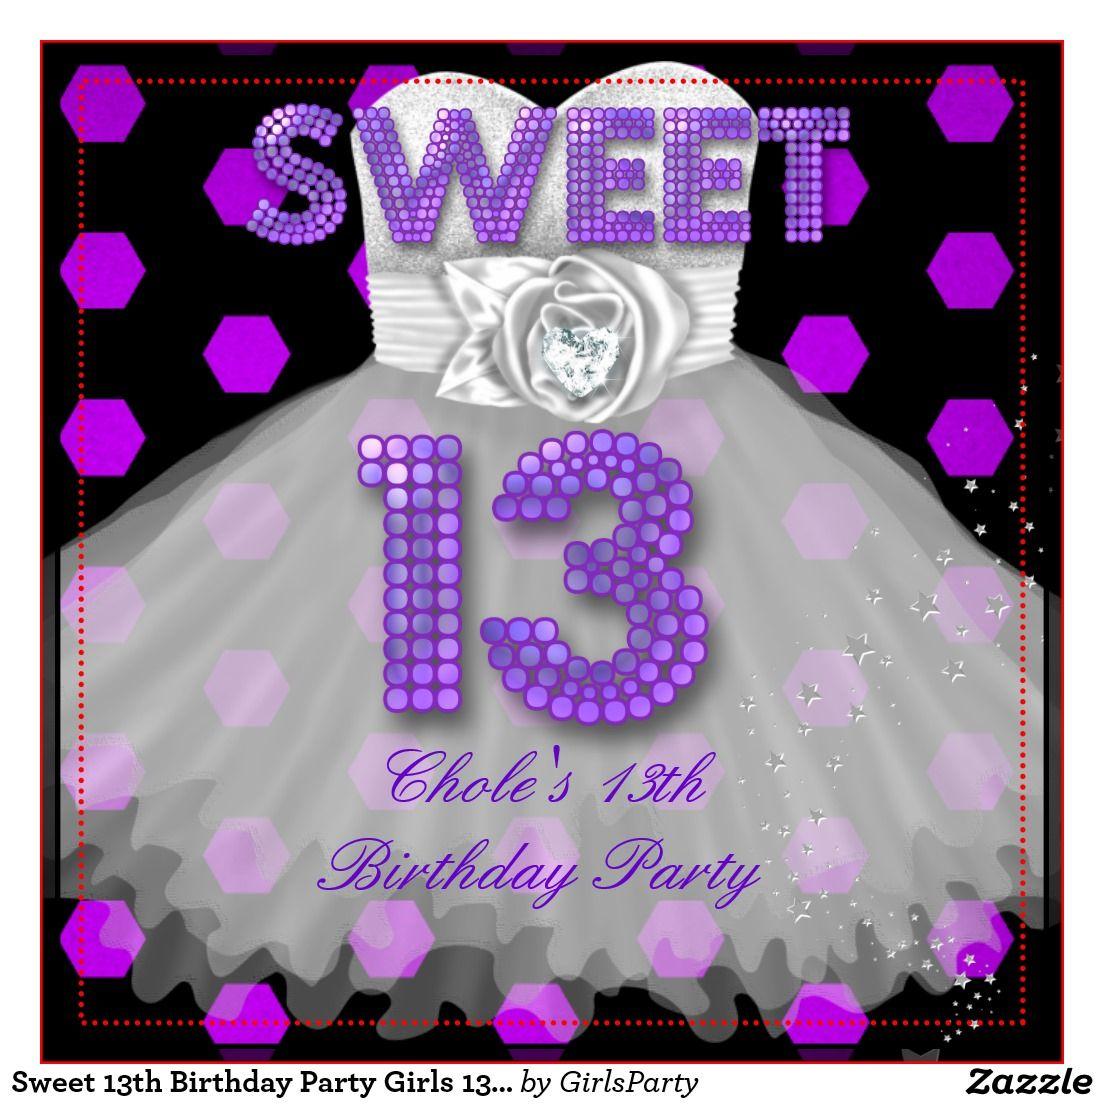 Pin by Erika Engelbrecht on Katelynn 13th birthday | Pinterest ...